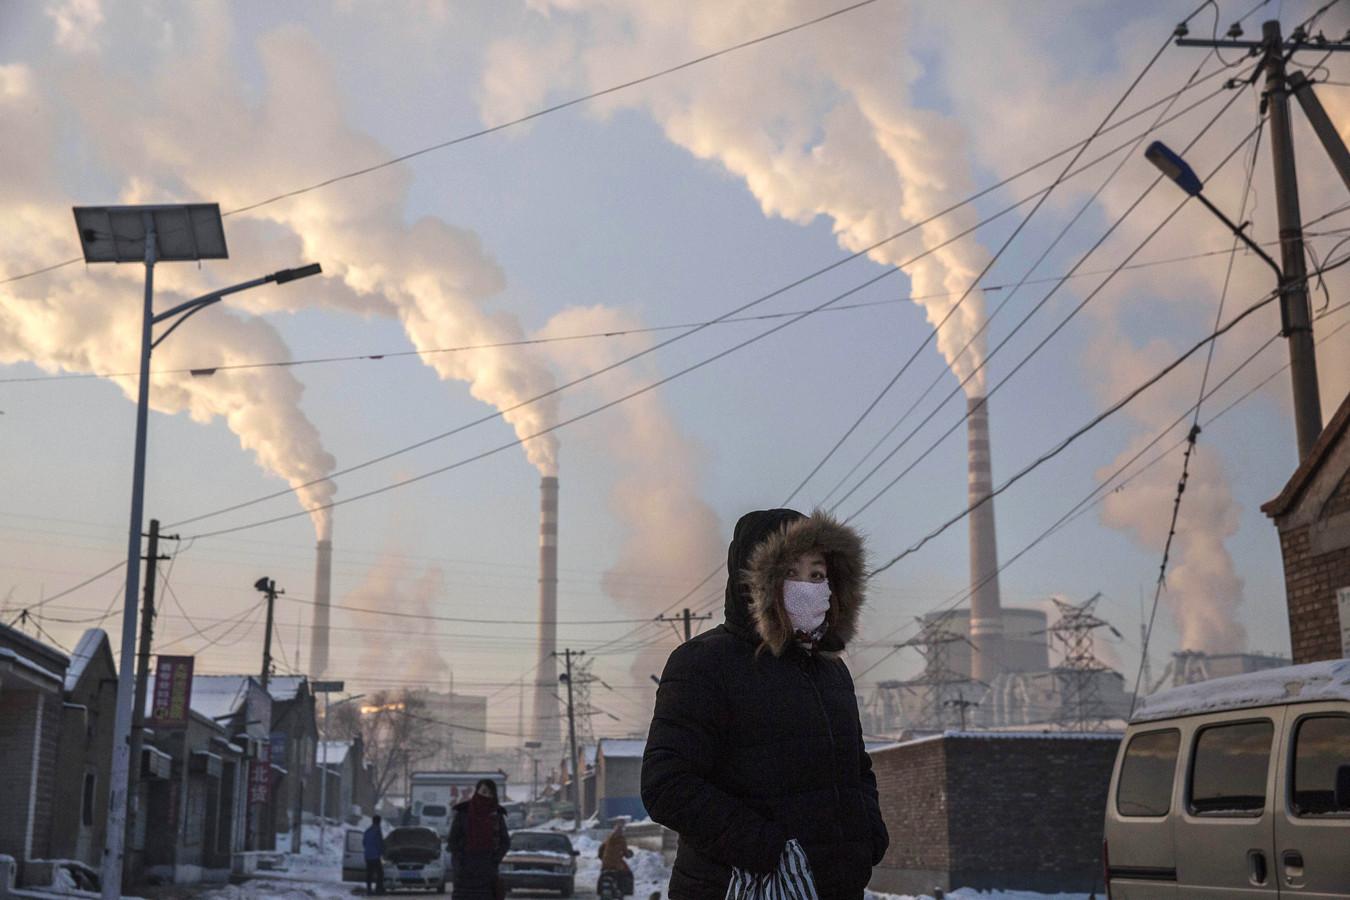 China is het land dat het meeste CO2 uitstoot.